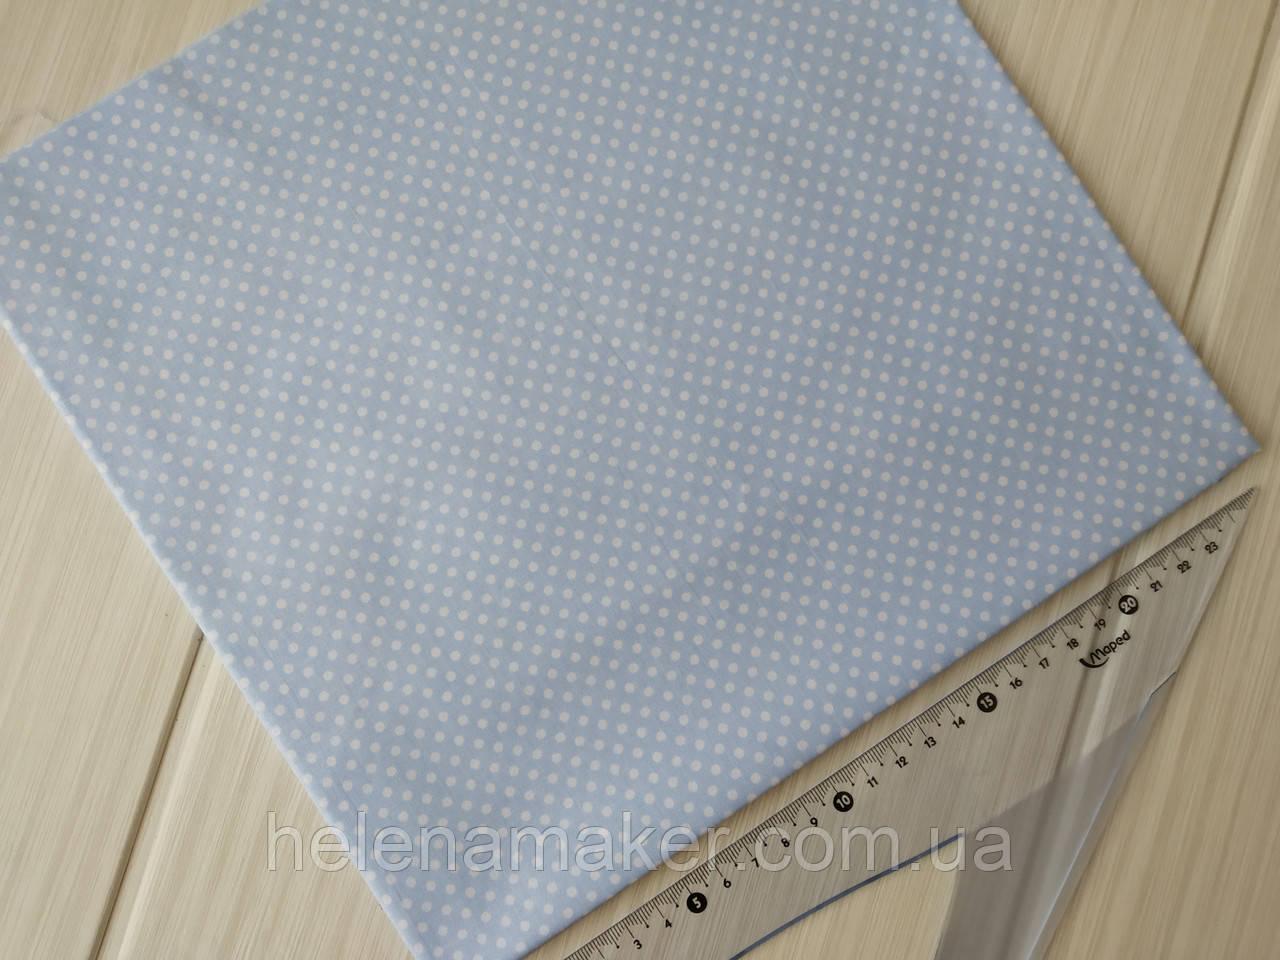 Відріз тканини блакитний в густий білий горошок 3 мм. Розмір відрізу 50*50 см